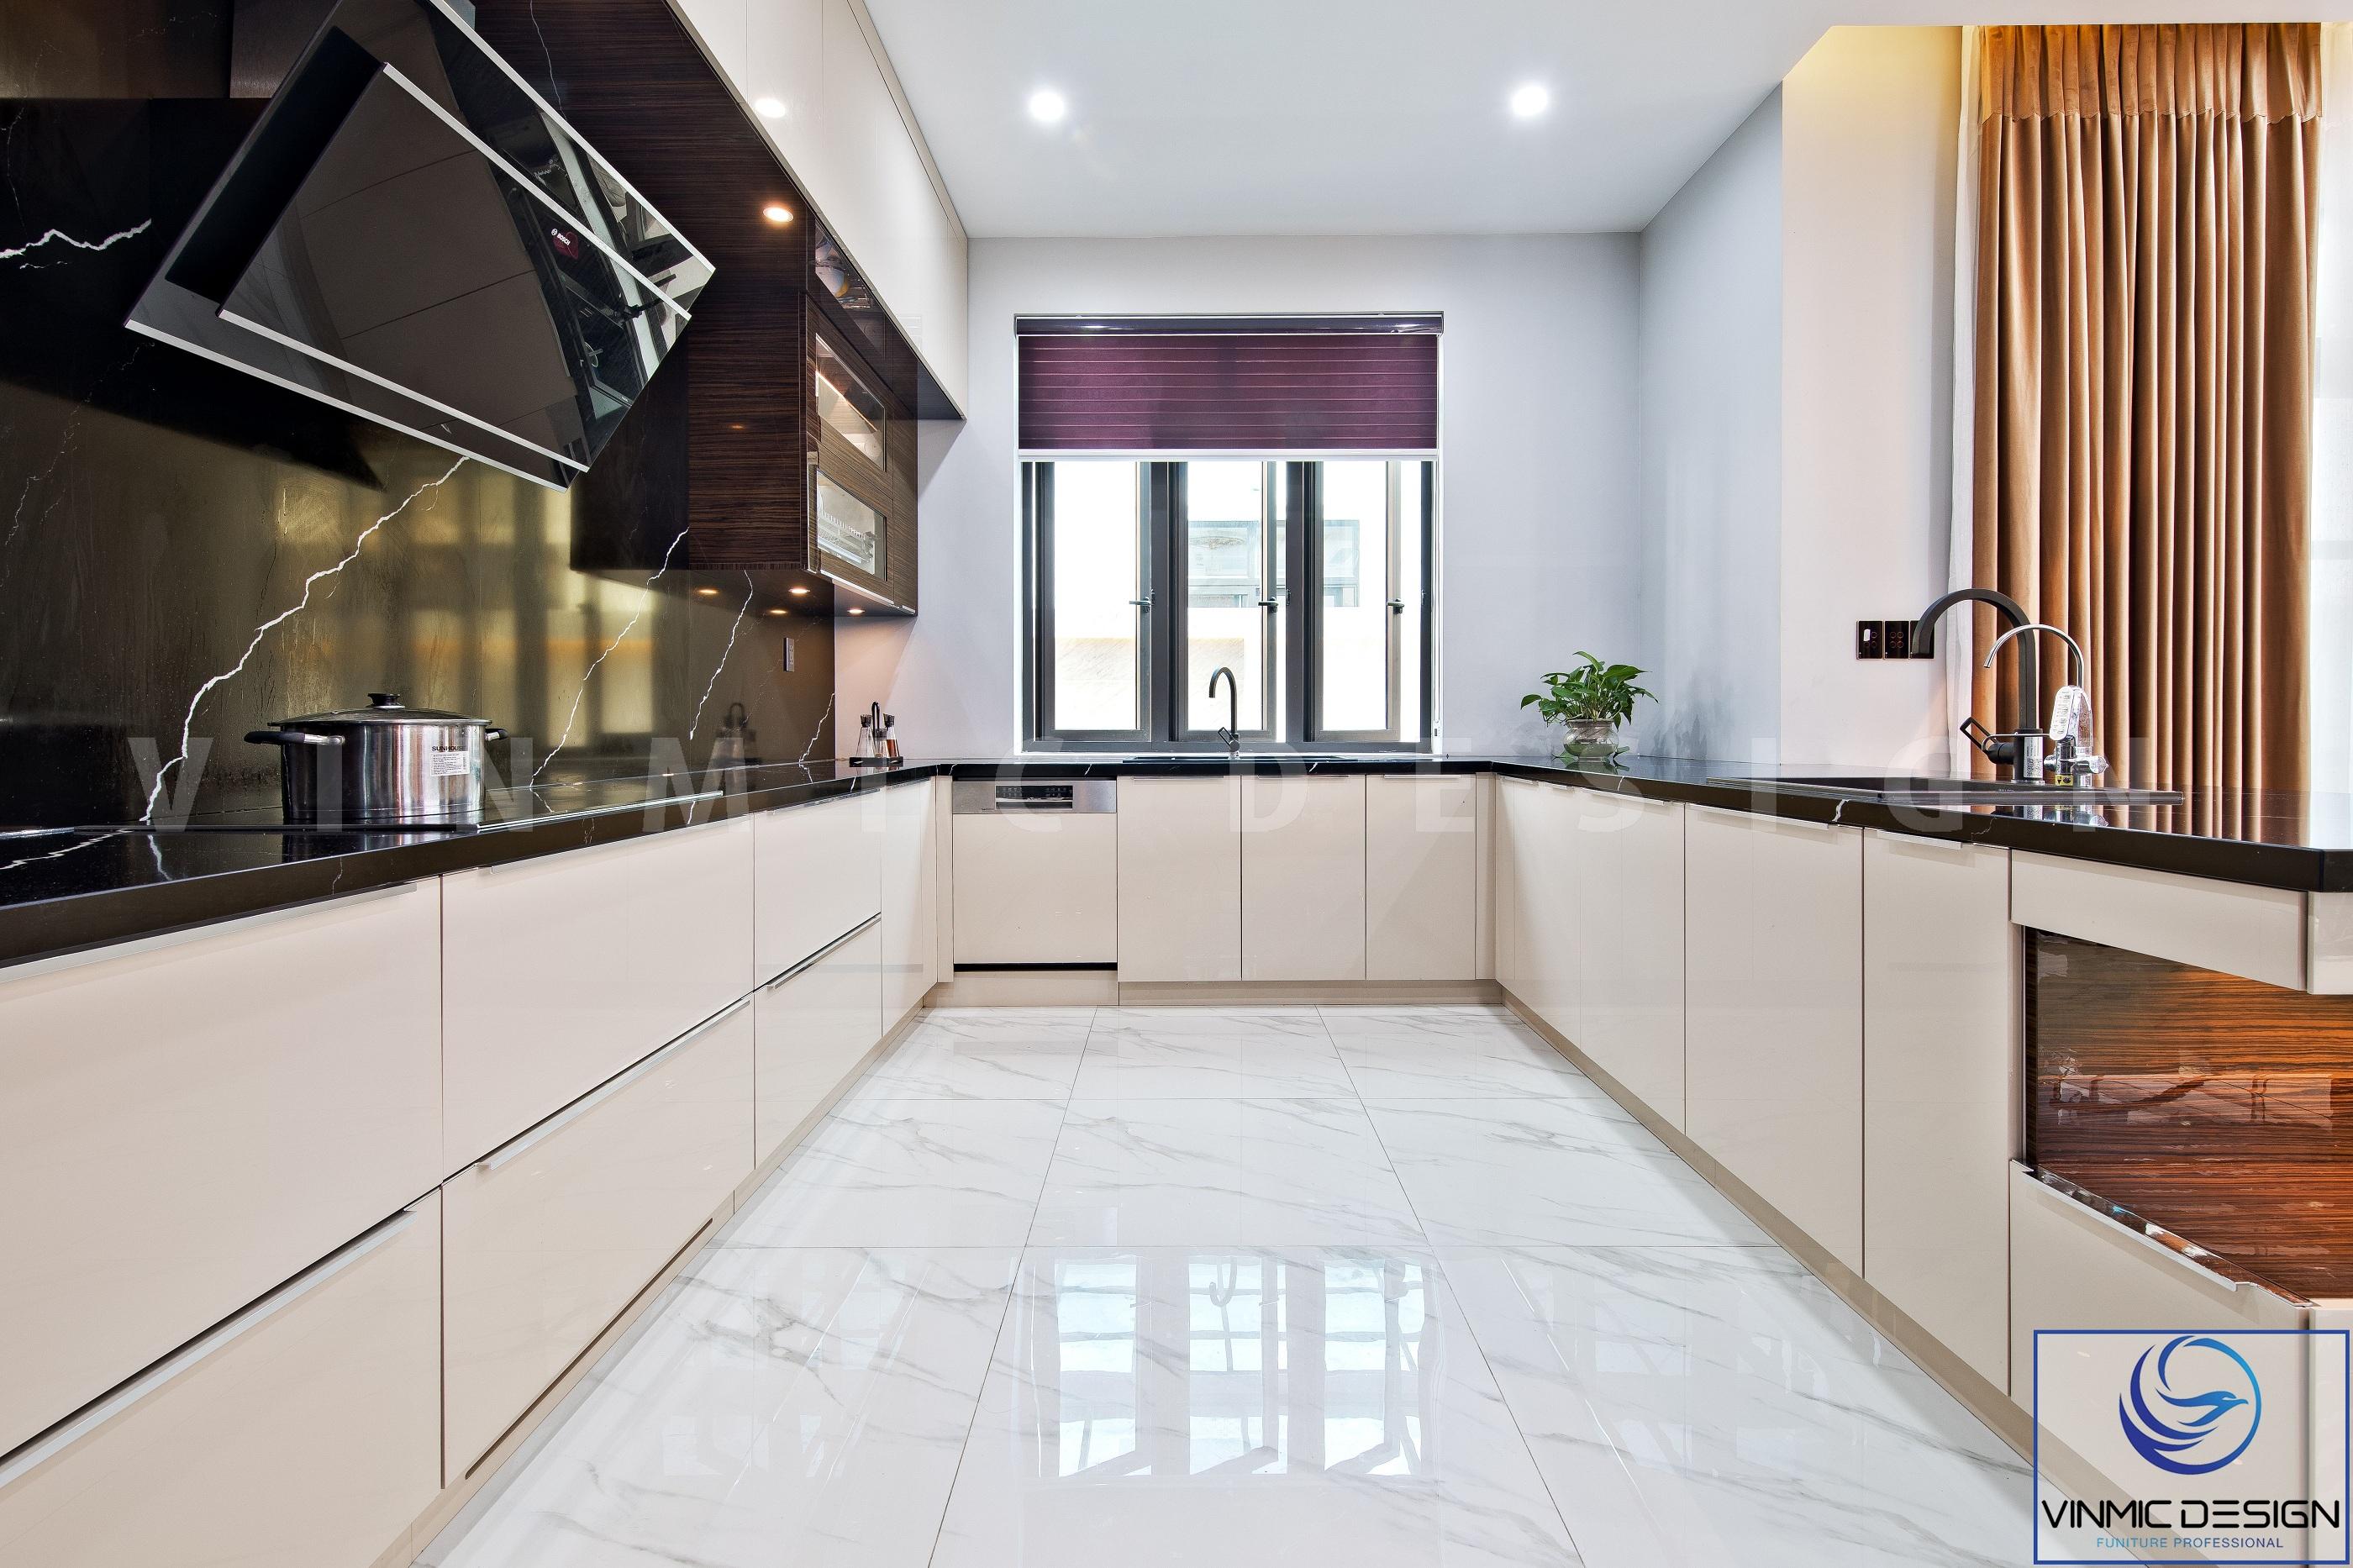 Tủ bếp dạng chữ U nhằm tận dụng hết công năng gian bếp